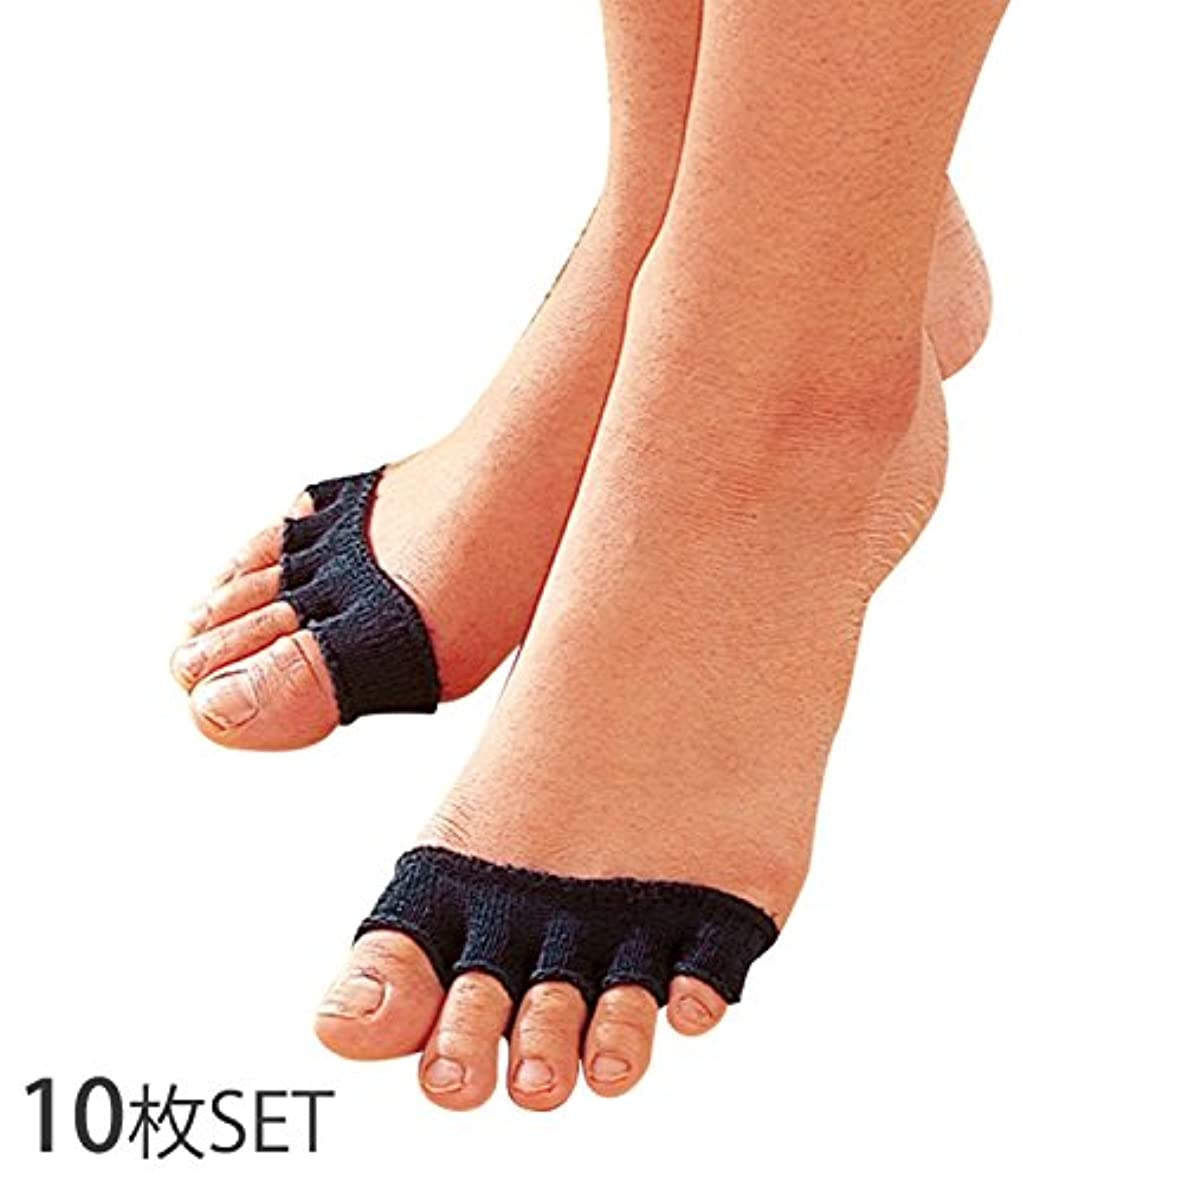 スコットランド人きしむ困惑した5本指ソックス 5本指 指先なし 5本指靴下 抗菌防臭加工 消臭 ひのき指の間カバー 10枚セット 紺